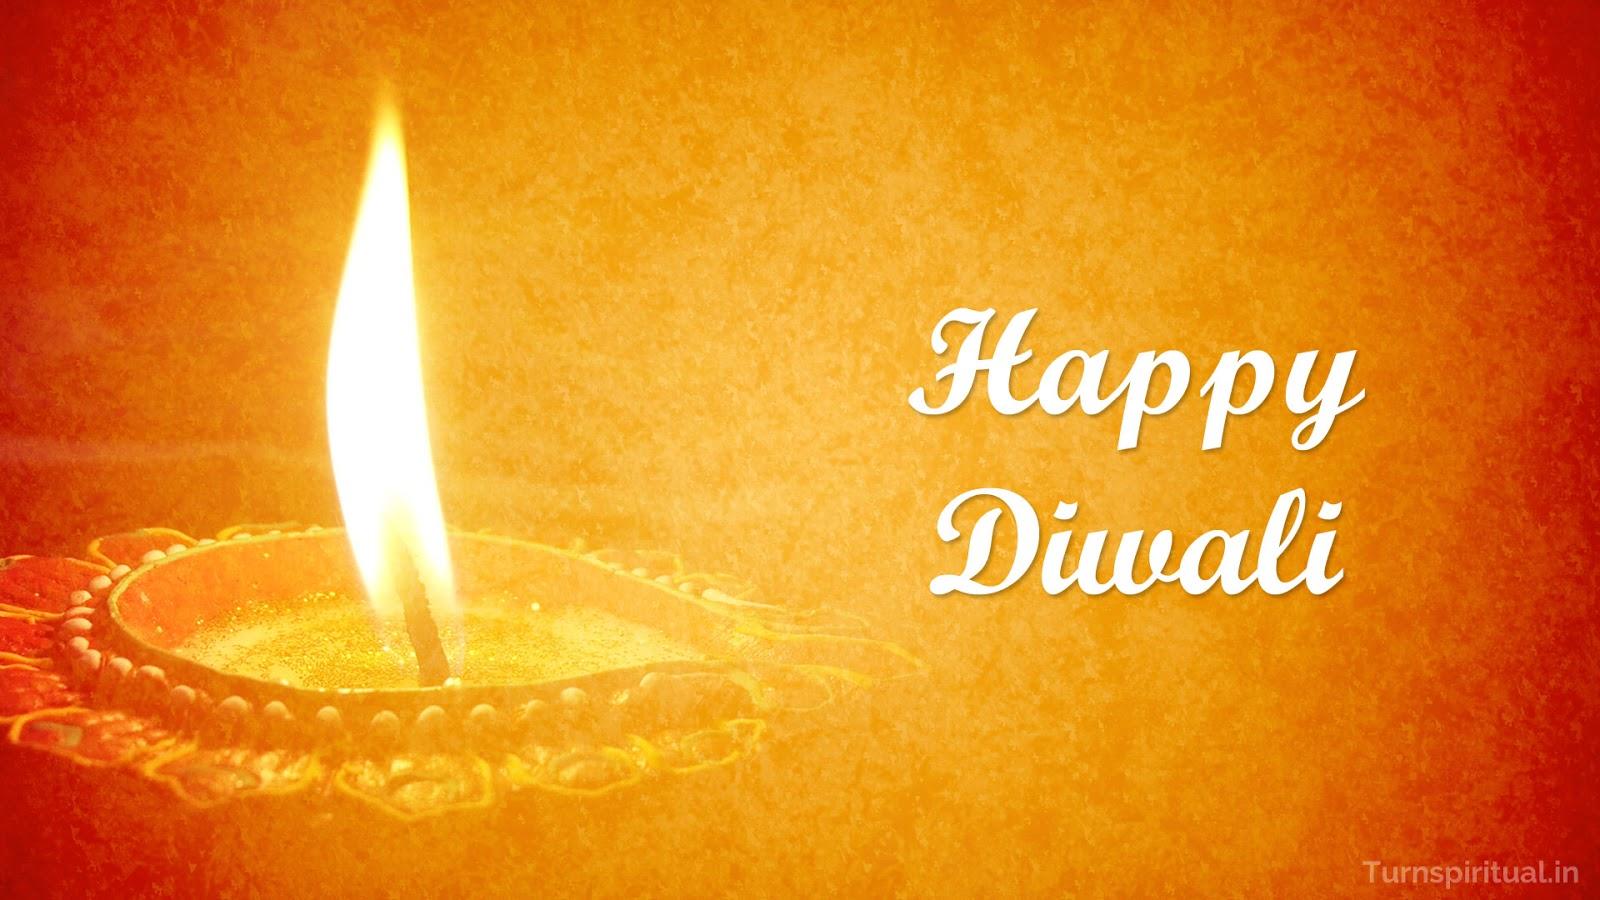 34 Beauty Happy Deepavali Greetings